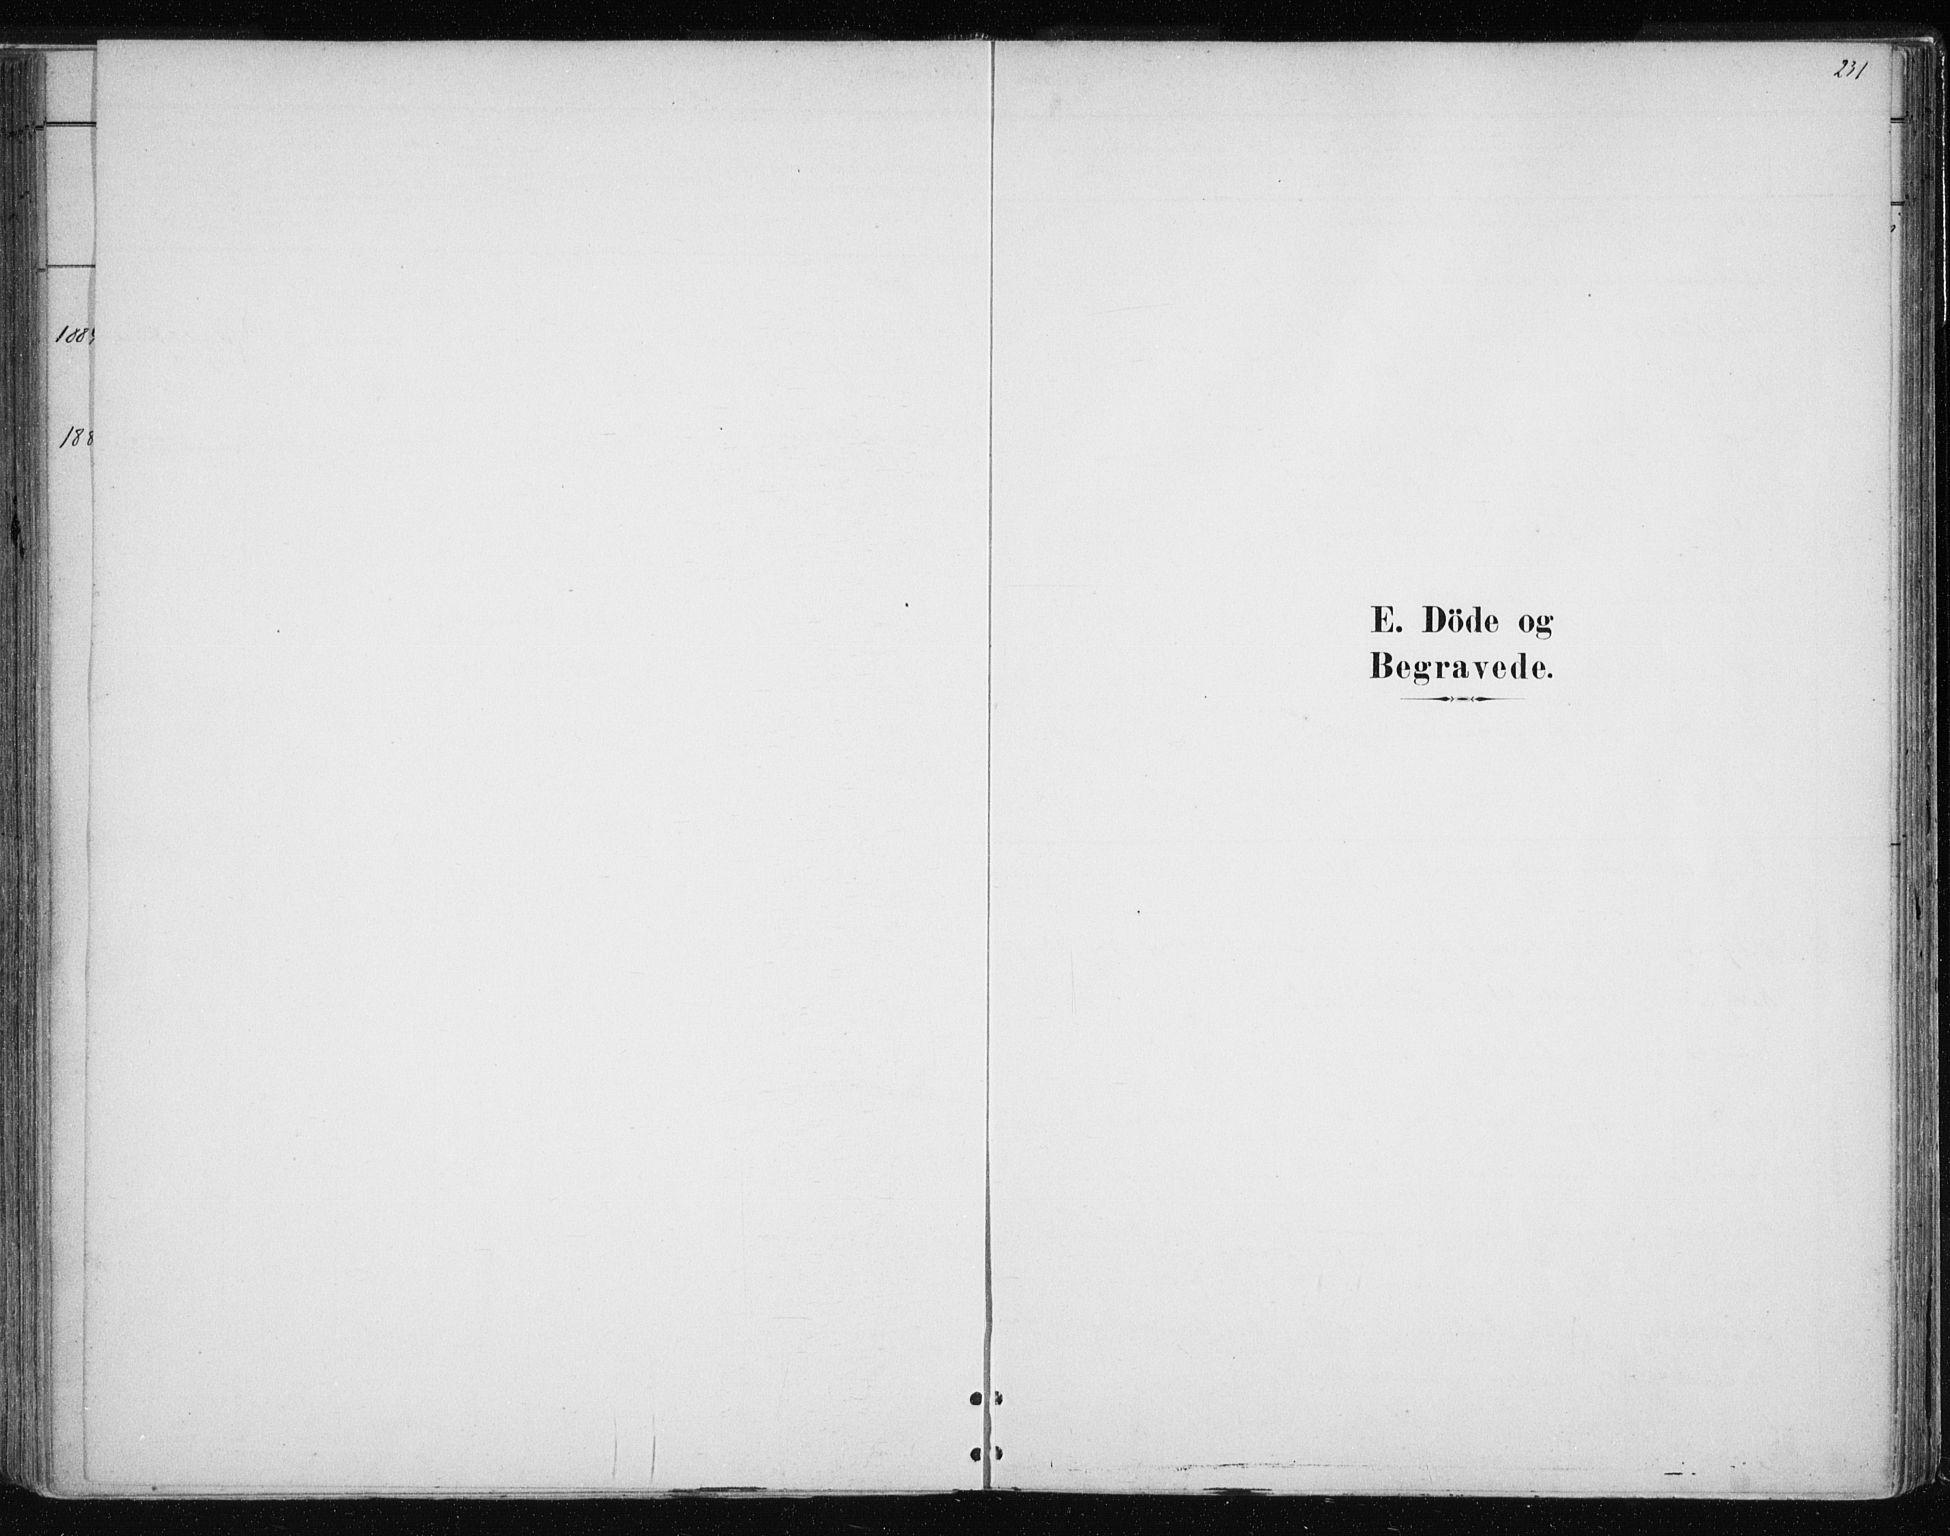 SATØ, Tromsøysund sokneprestkontor, G/Ga/L0004kirke: Ministerialbok nr. 4, 1880-1888, s. 231